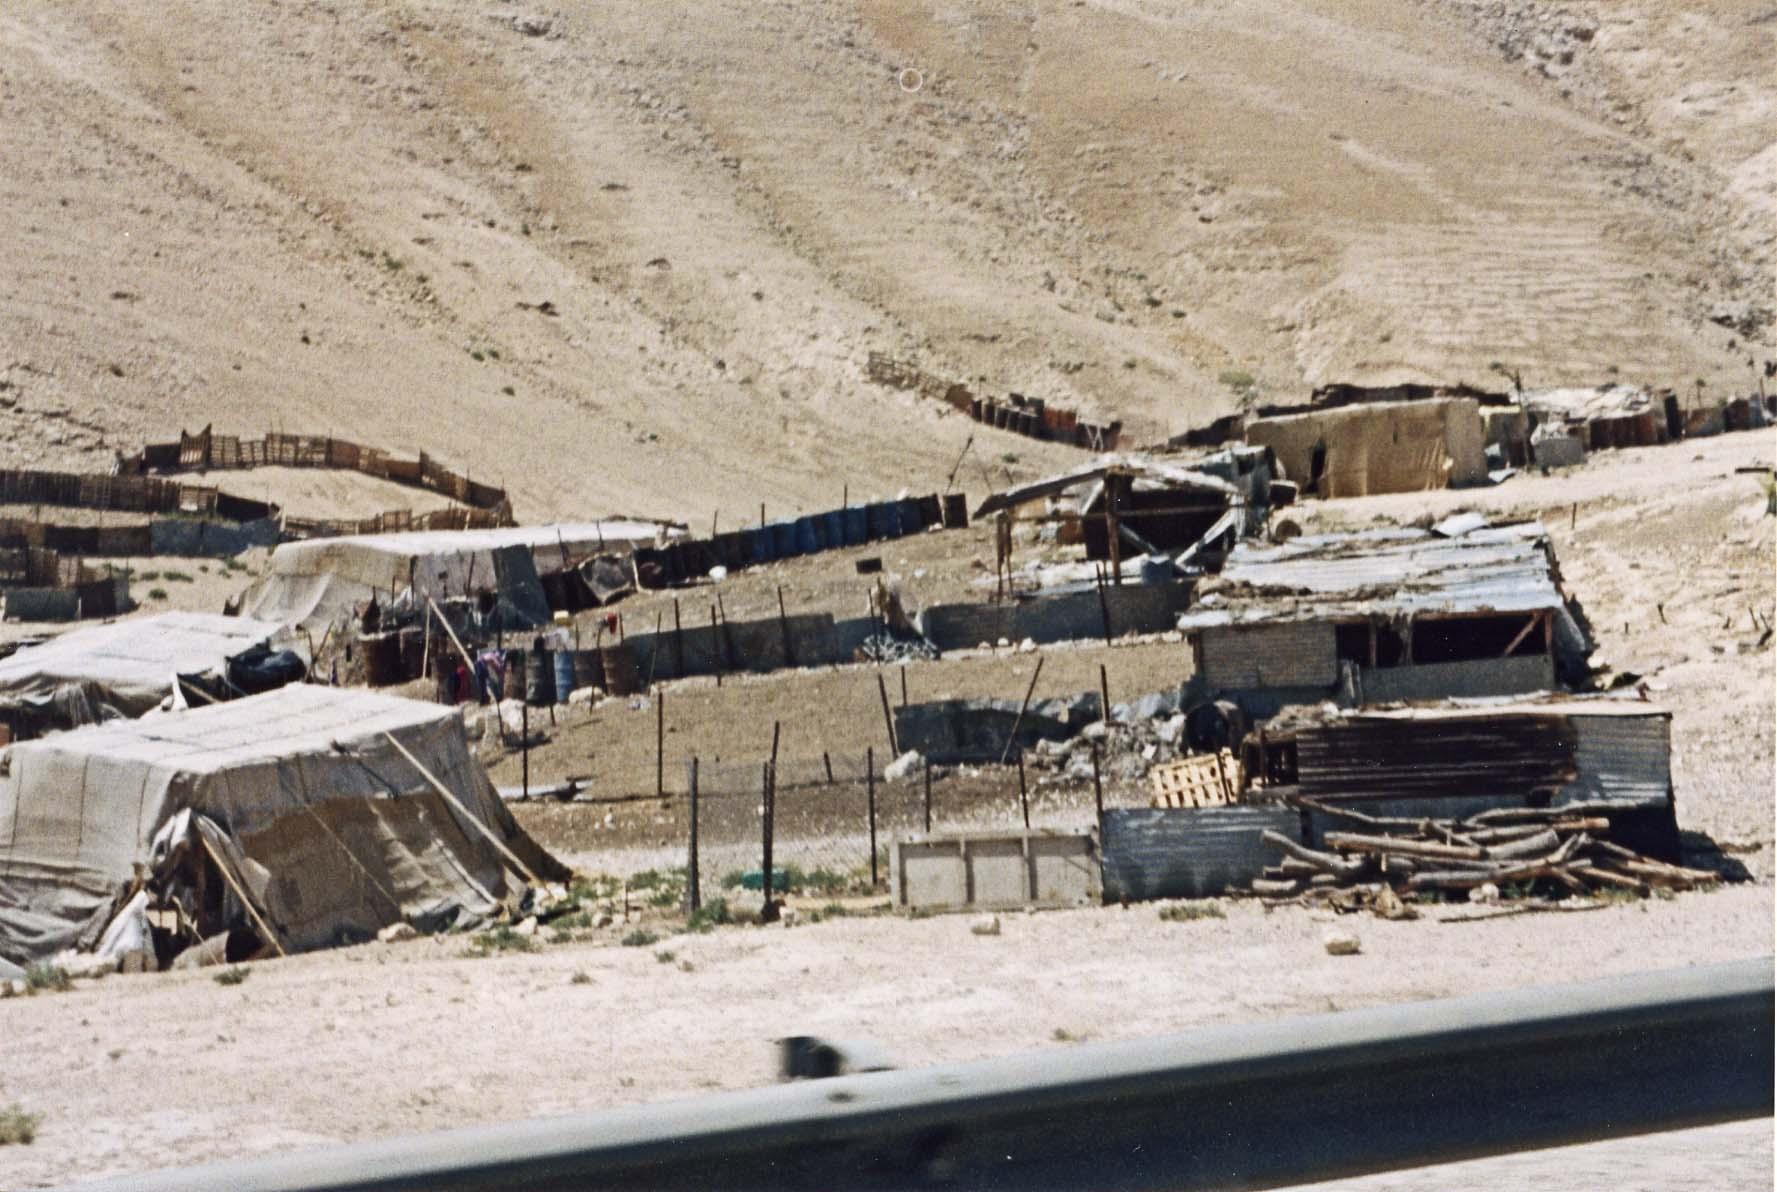 Bedouin campsites